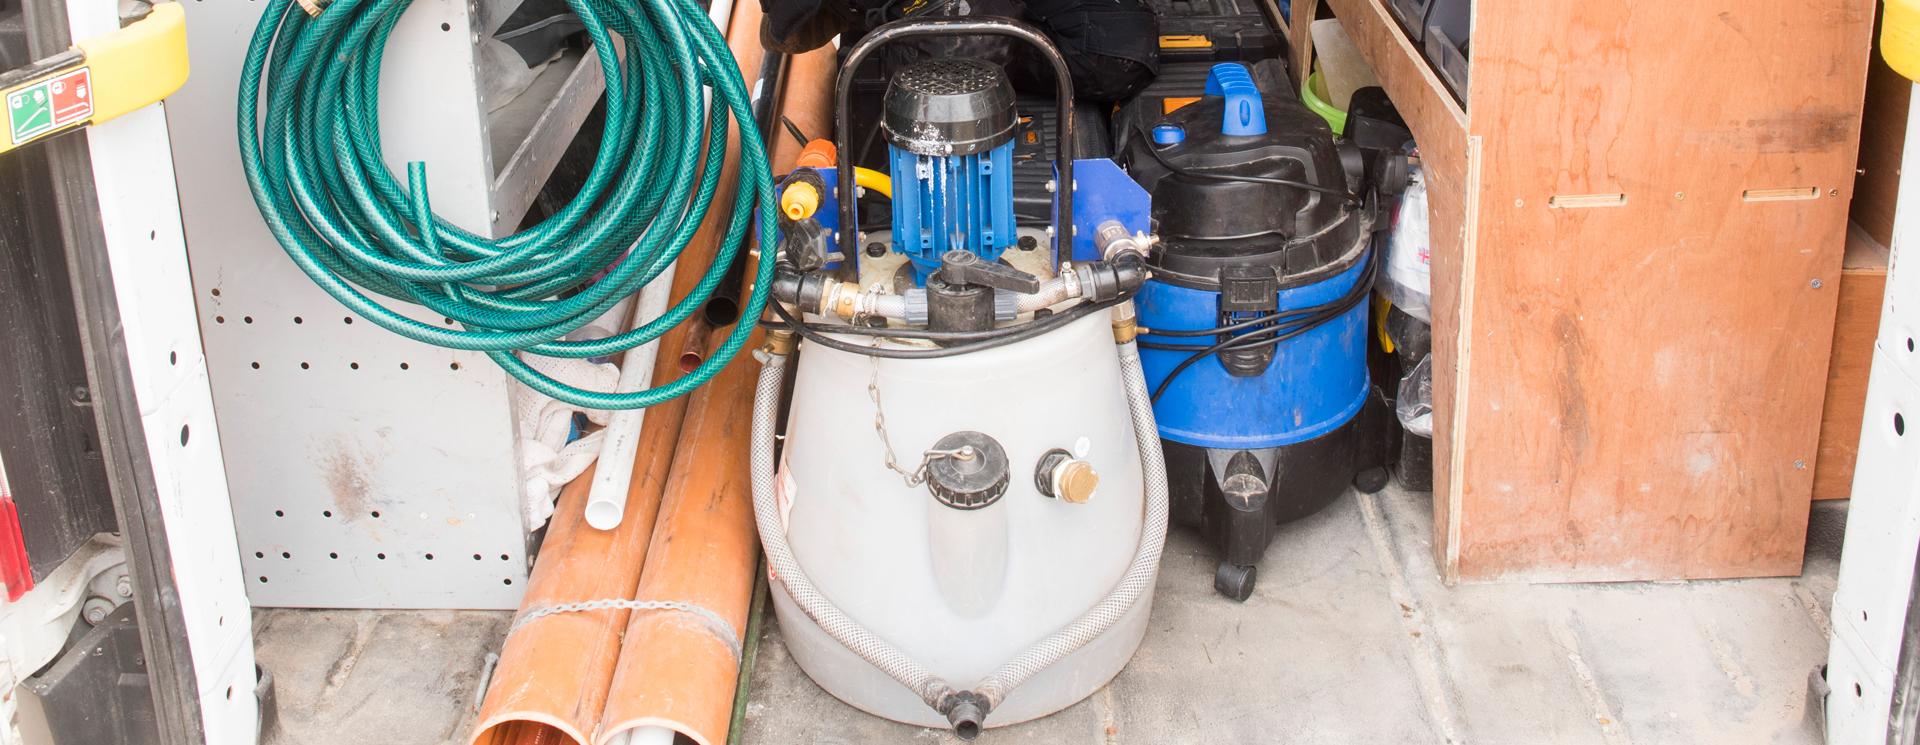 Powerflushing: Viking Plumbing and Heating